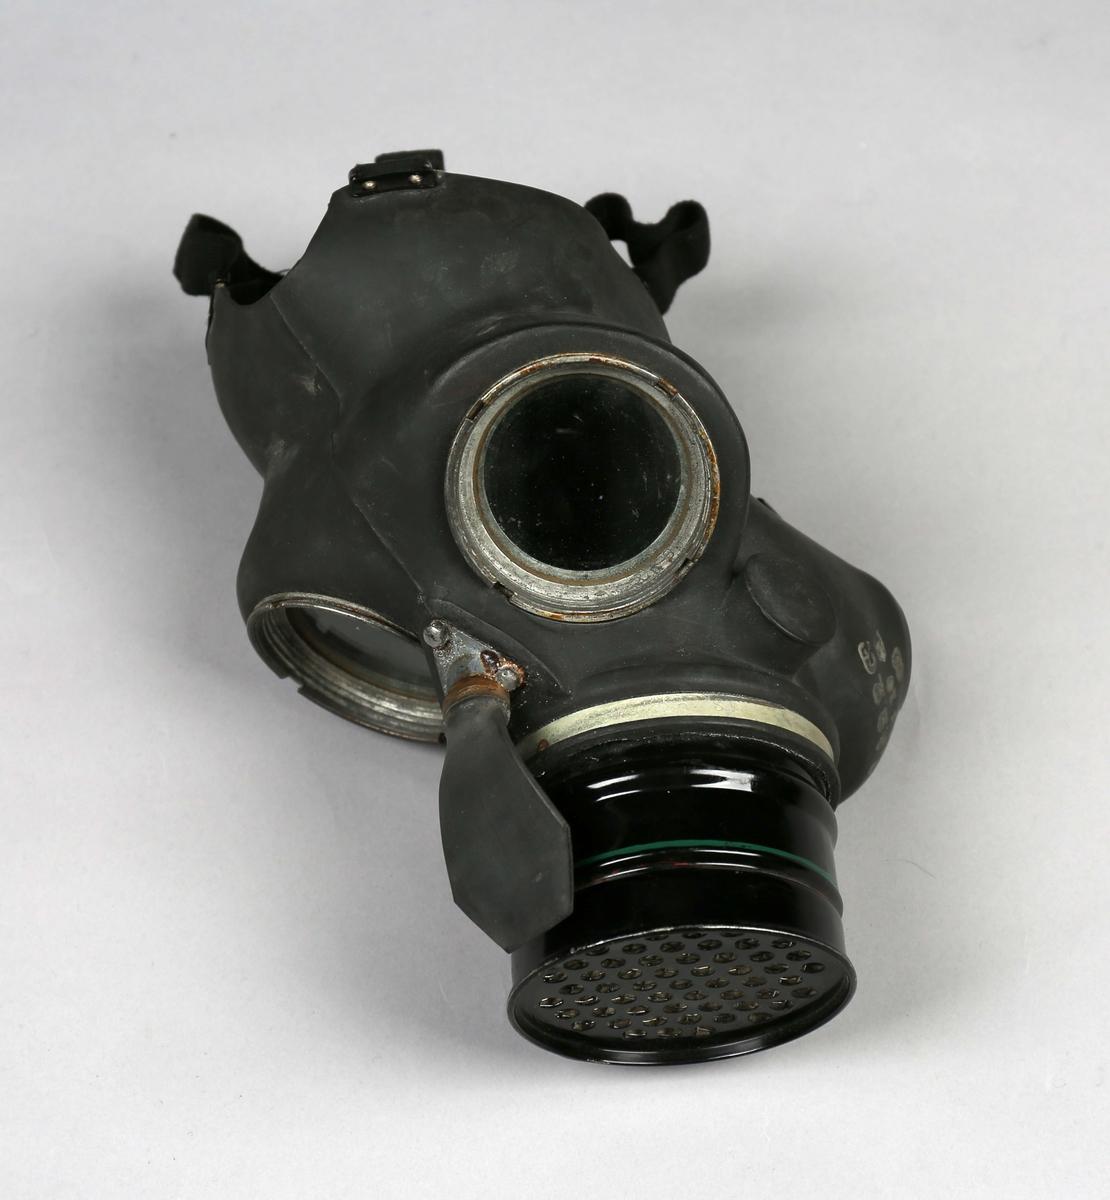 Gassmaske i tøyveske. Gassmaske i gummi med filter. Festes til ansiktet  med seks elastiske reimer/stropper. Masken er en ansiktsmaske med sirkelrunde glassflater som synsfelt.